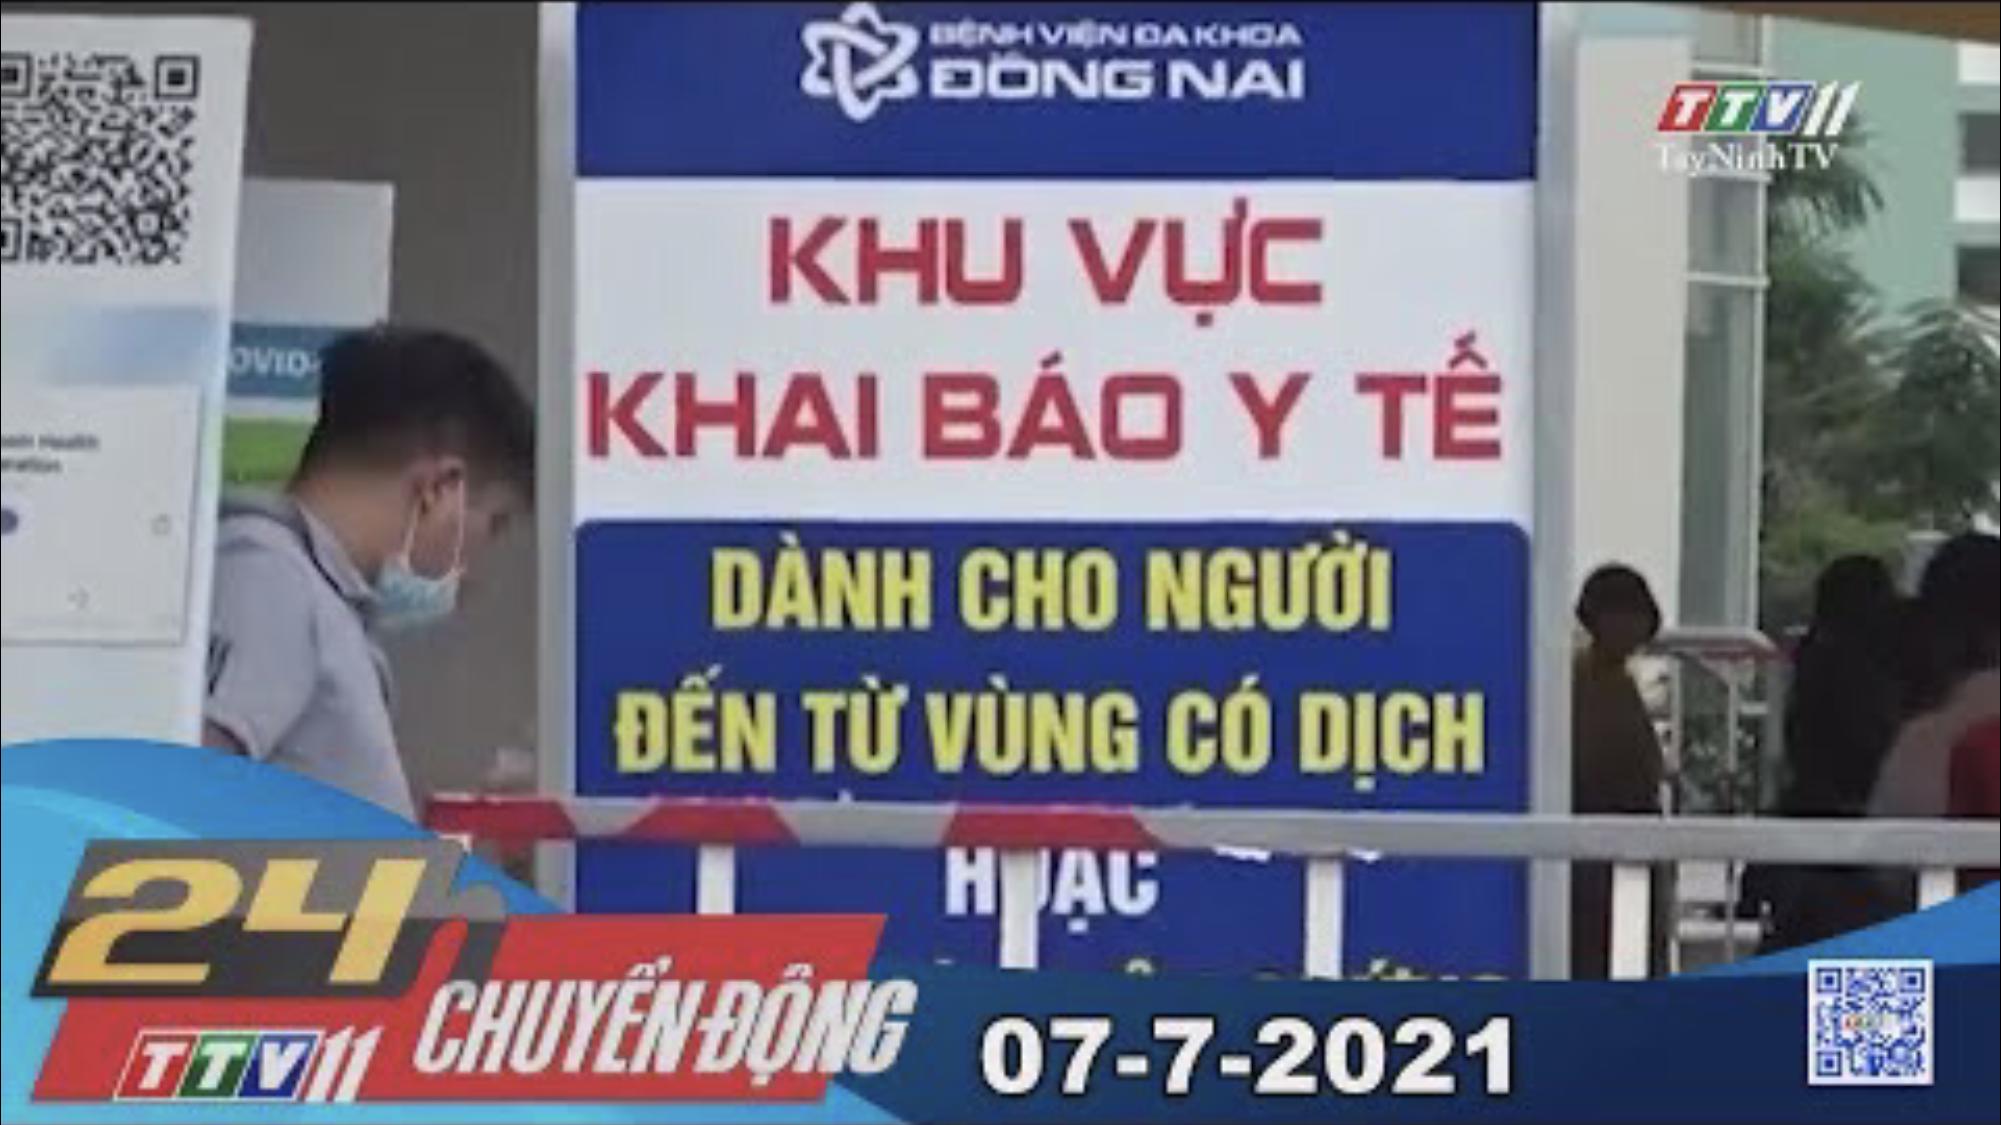 24h Chuyển động 07-7-2021   Tin tức hôm nay   TayNinhTV